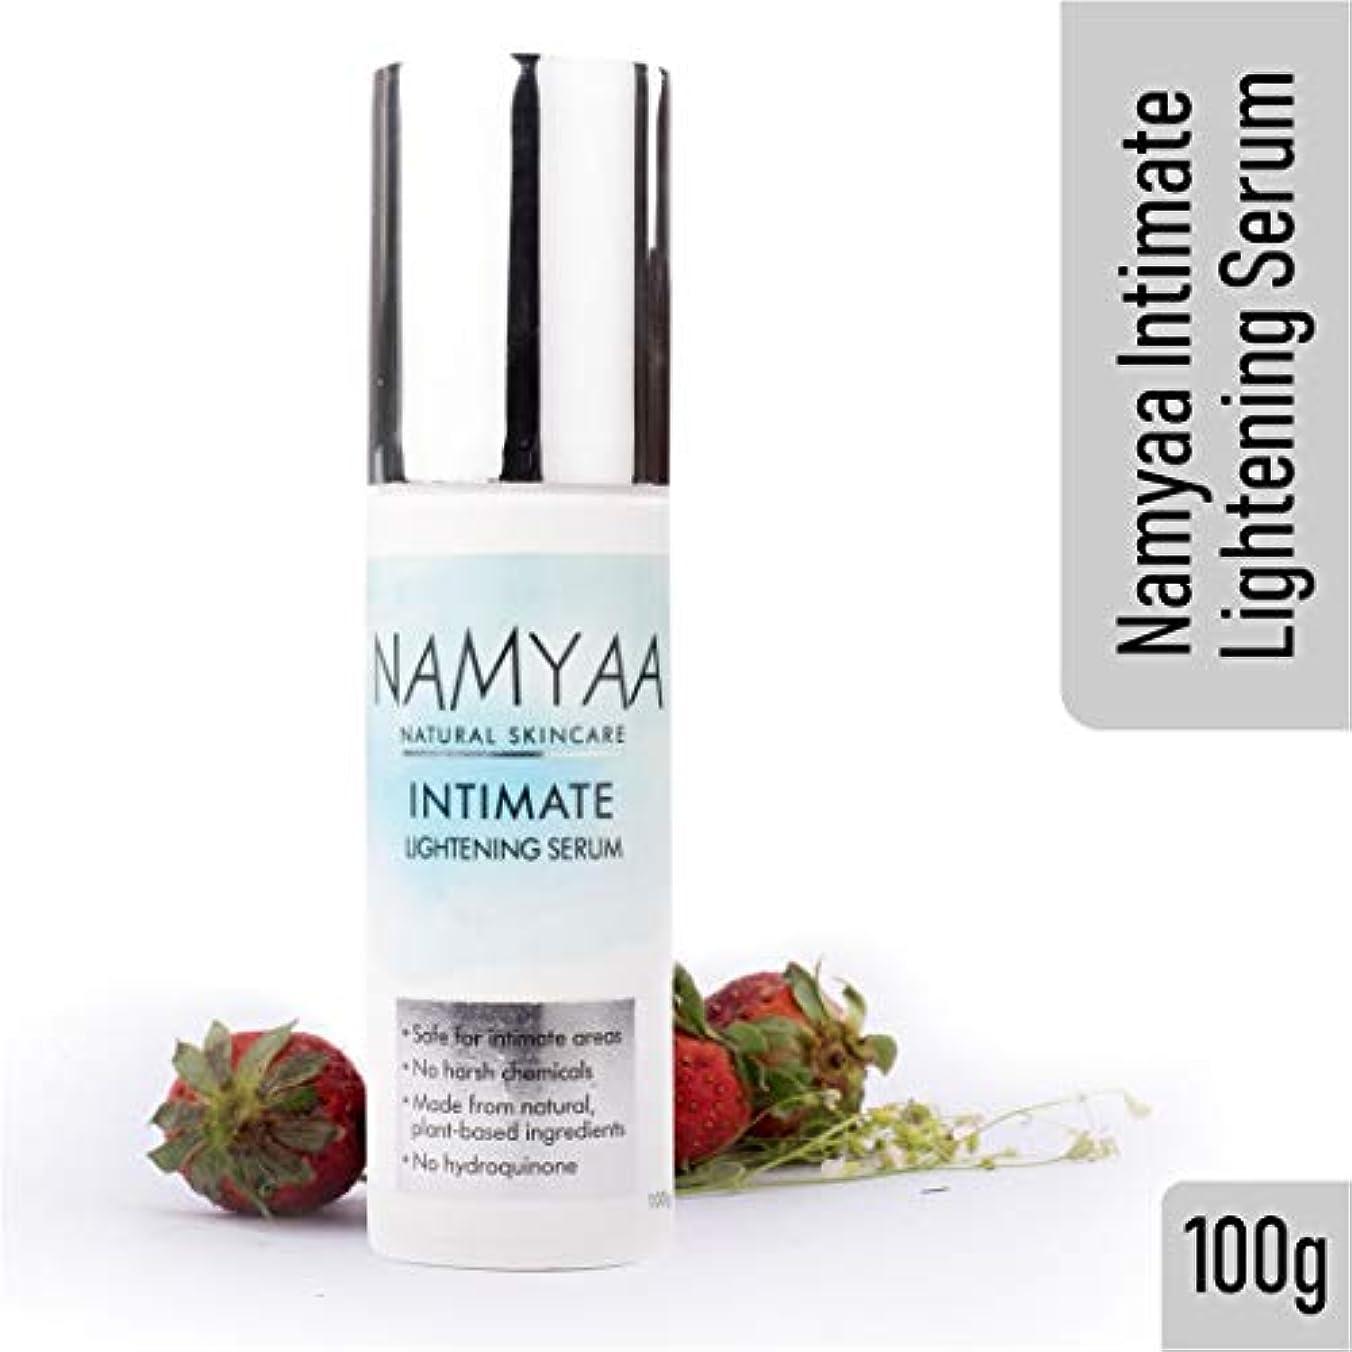 コントローラ件名維持Qraa Namaya Intimate Lightening Serum, 100g